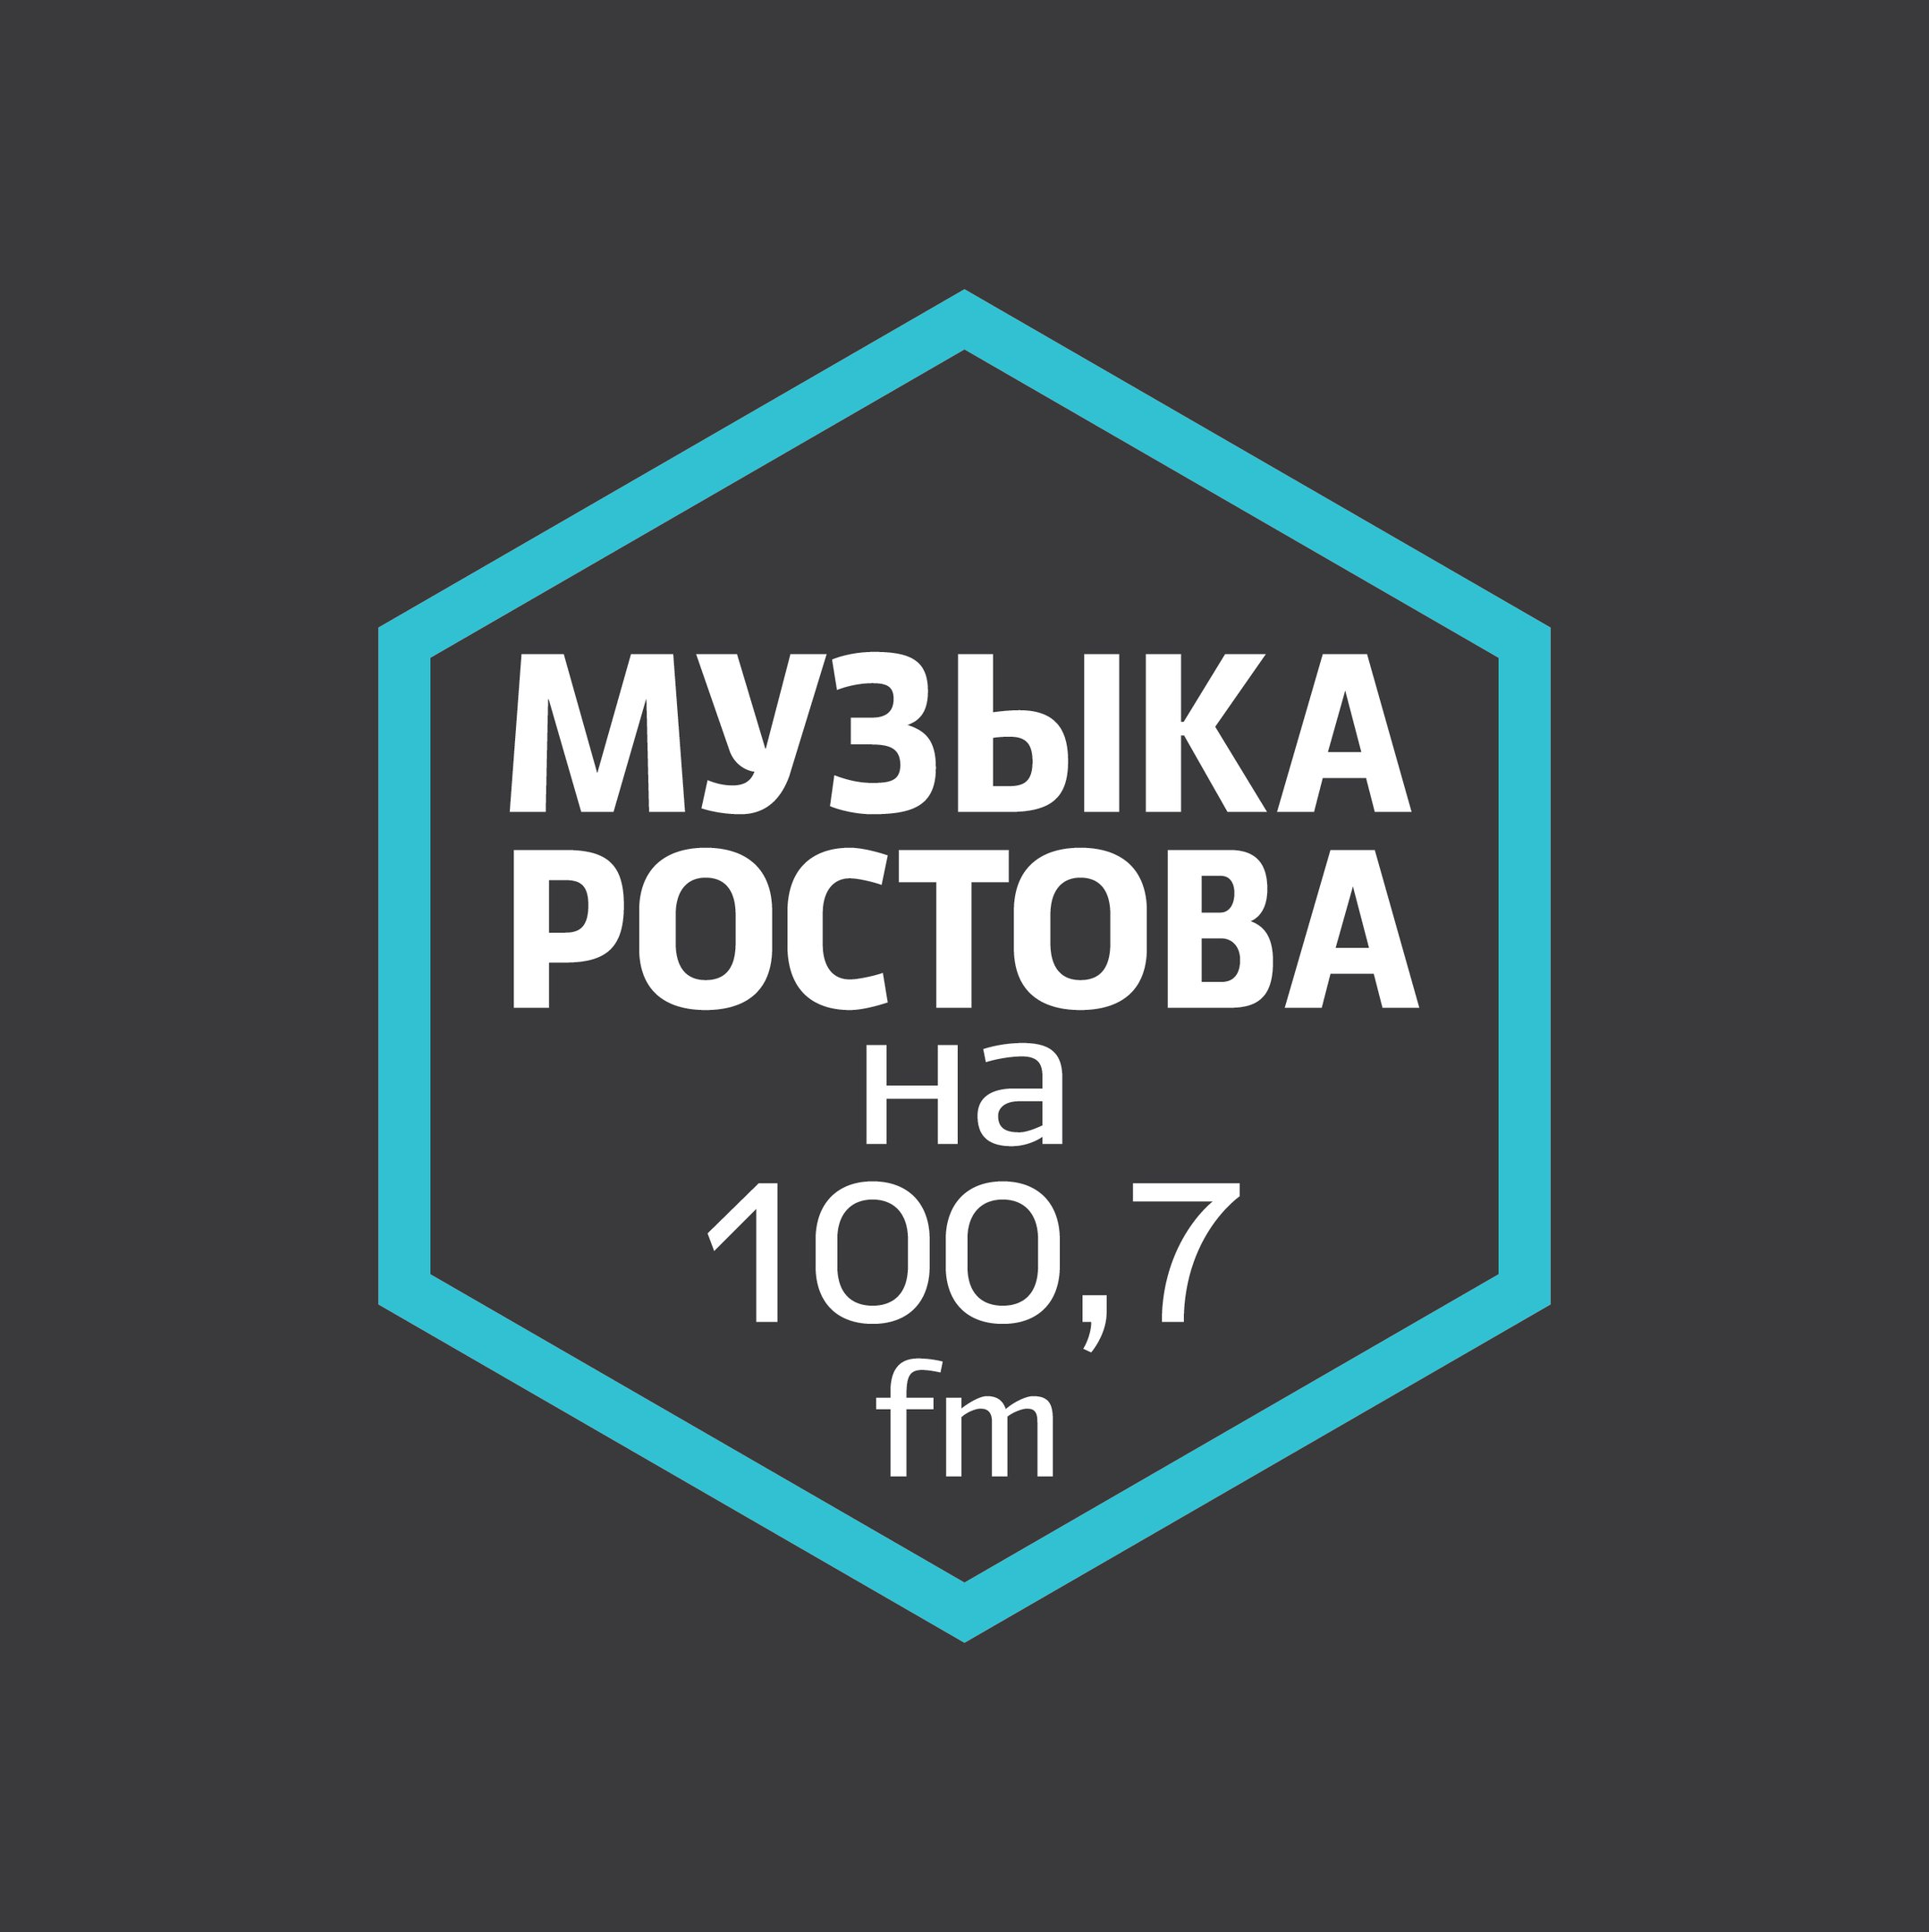 В Ростове появится новый музыкальный проект